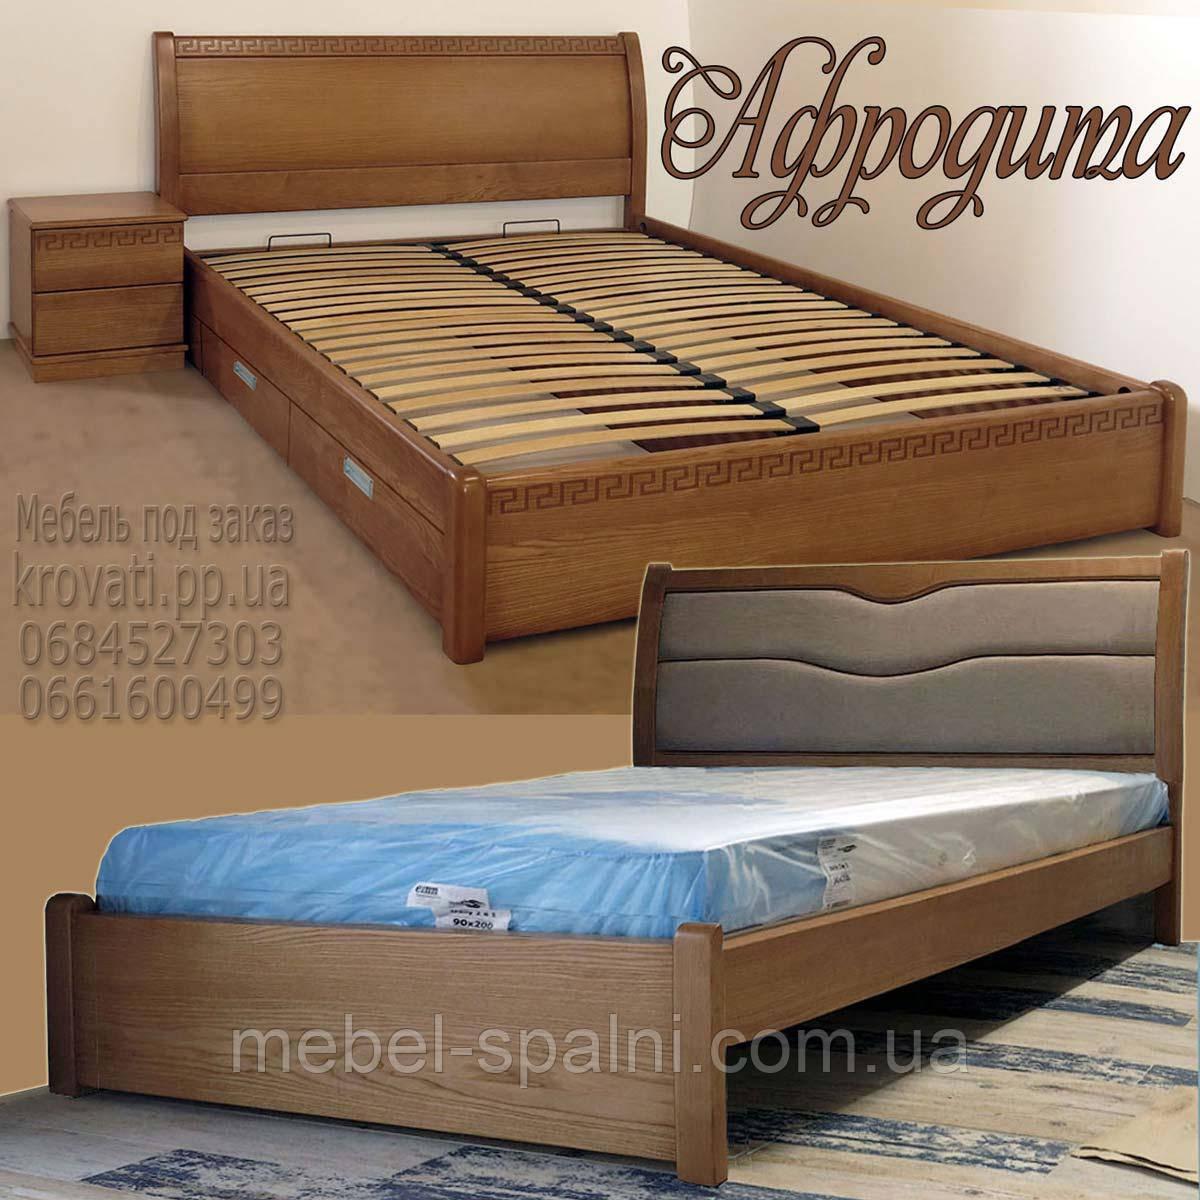 Ліжко дерев'яне «Афродіта»